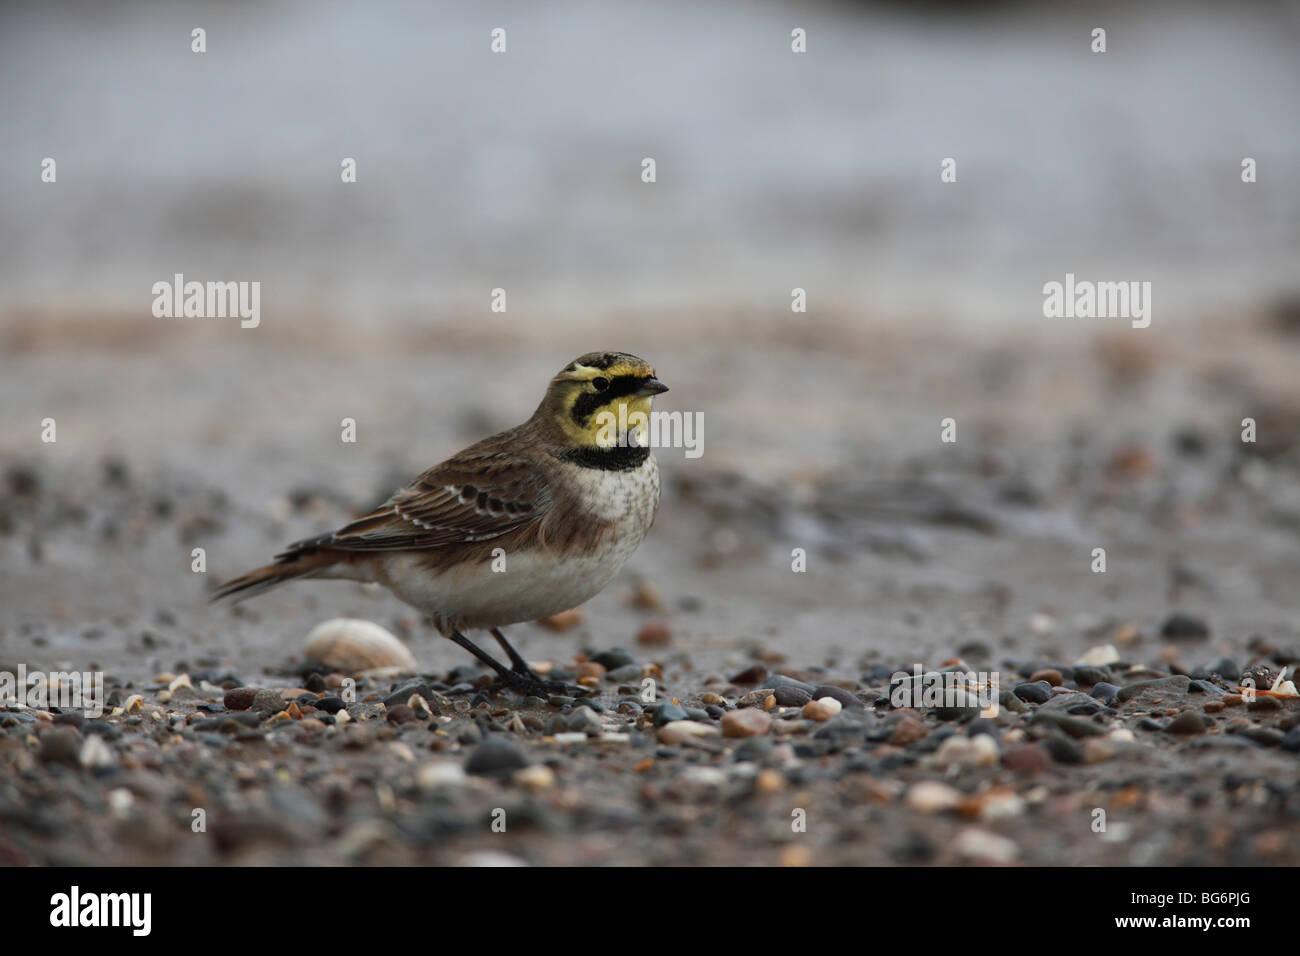 shorelark (Eremophila alpestris) standing on shingle beach - Stock Image